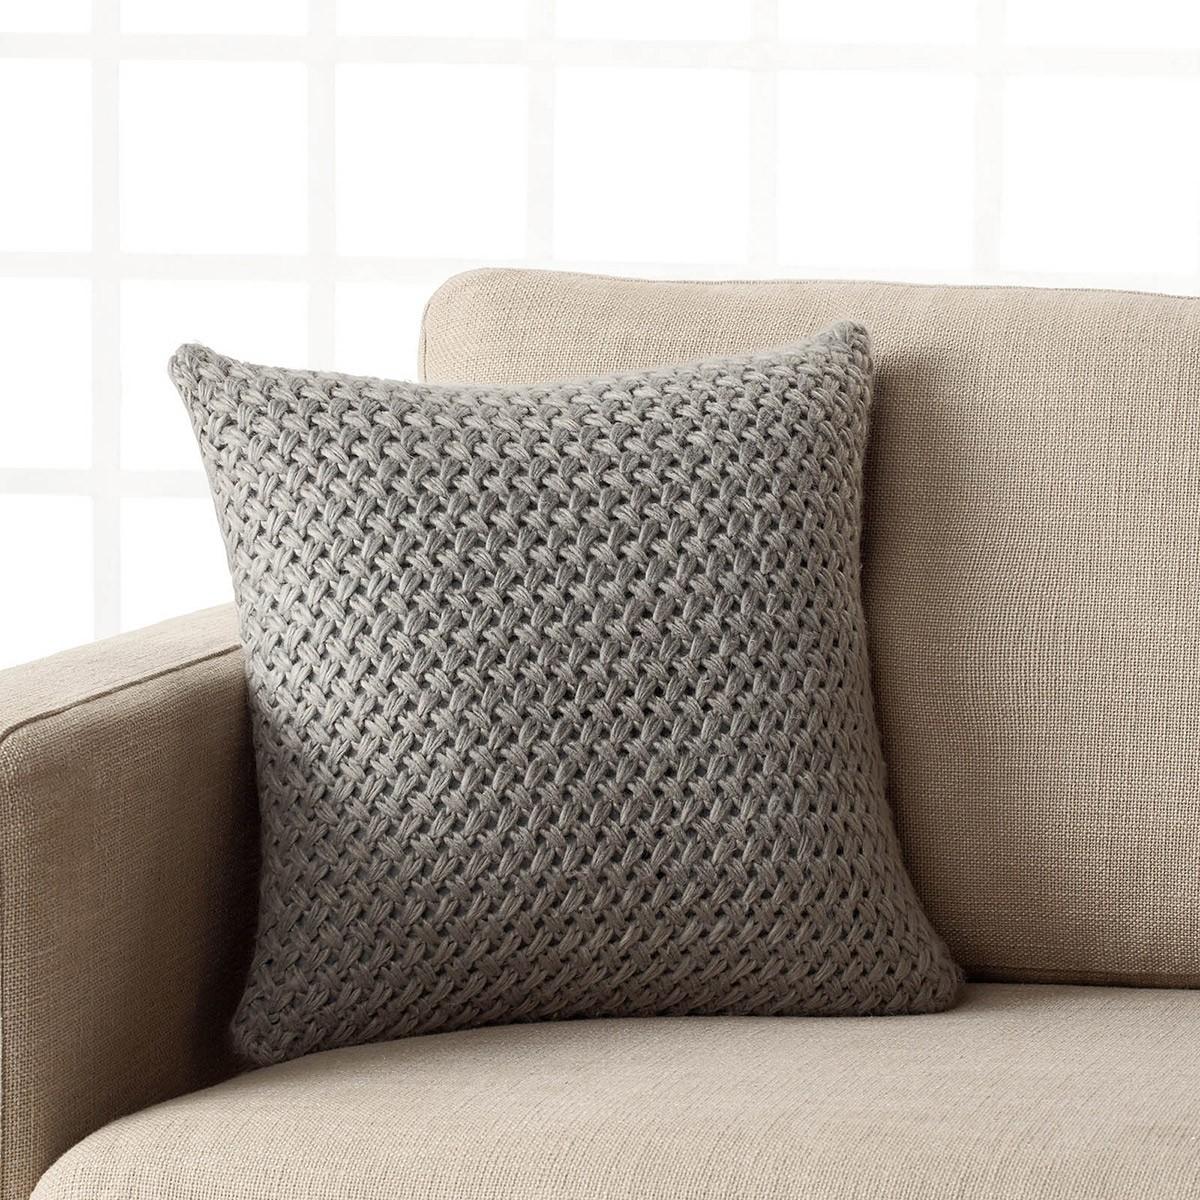 Διακοσμητική Πλεκτή Μαξιλαροθήκη Gofis Home Knit Grey 224/15